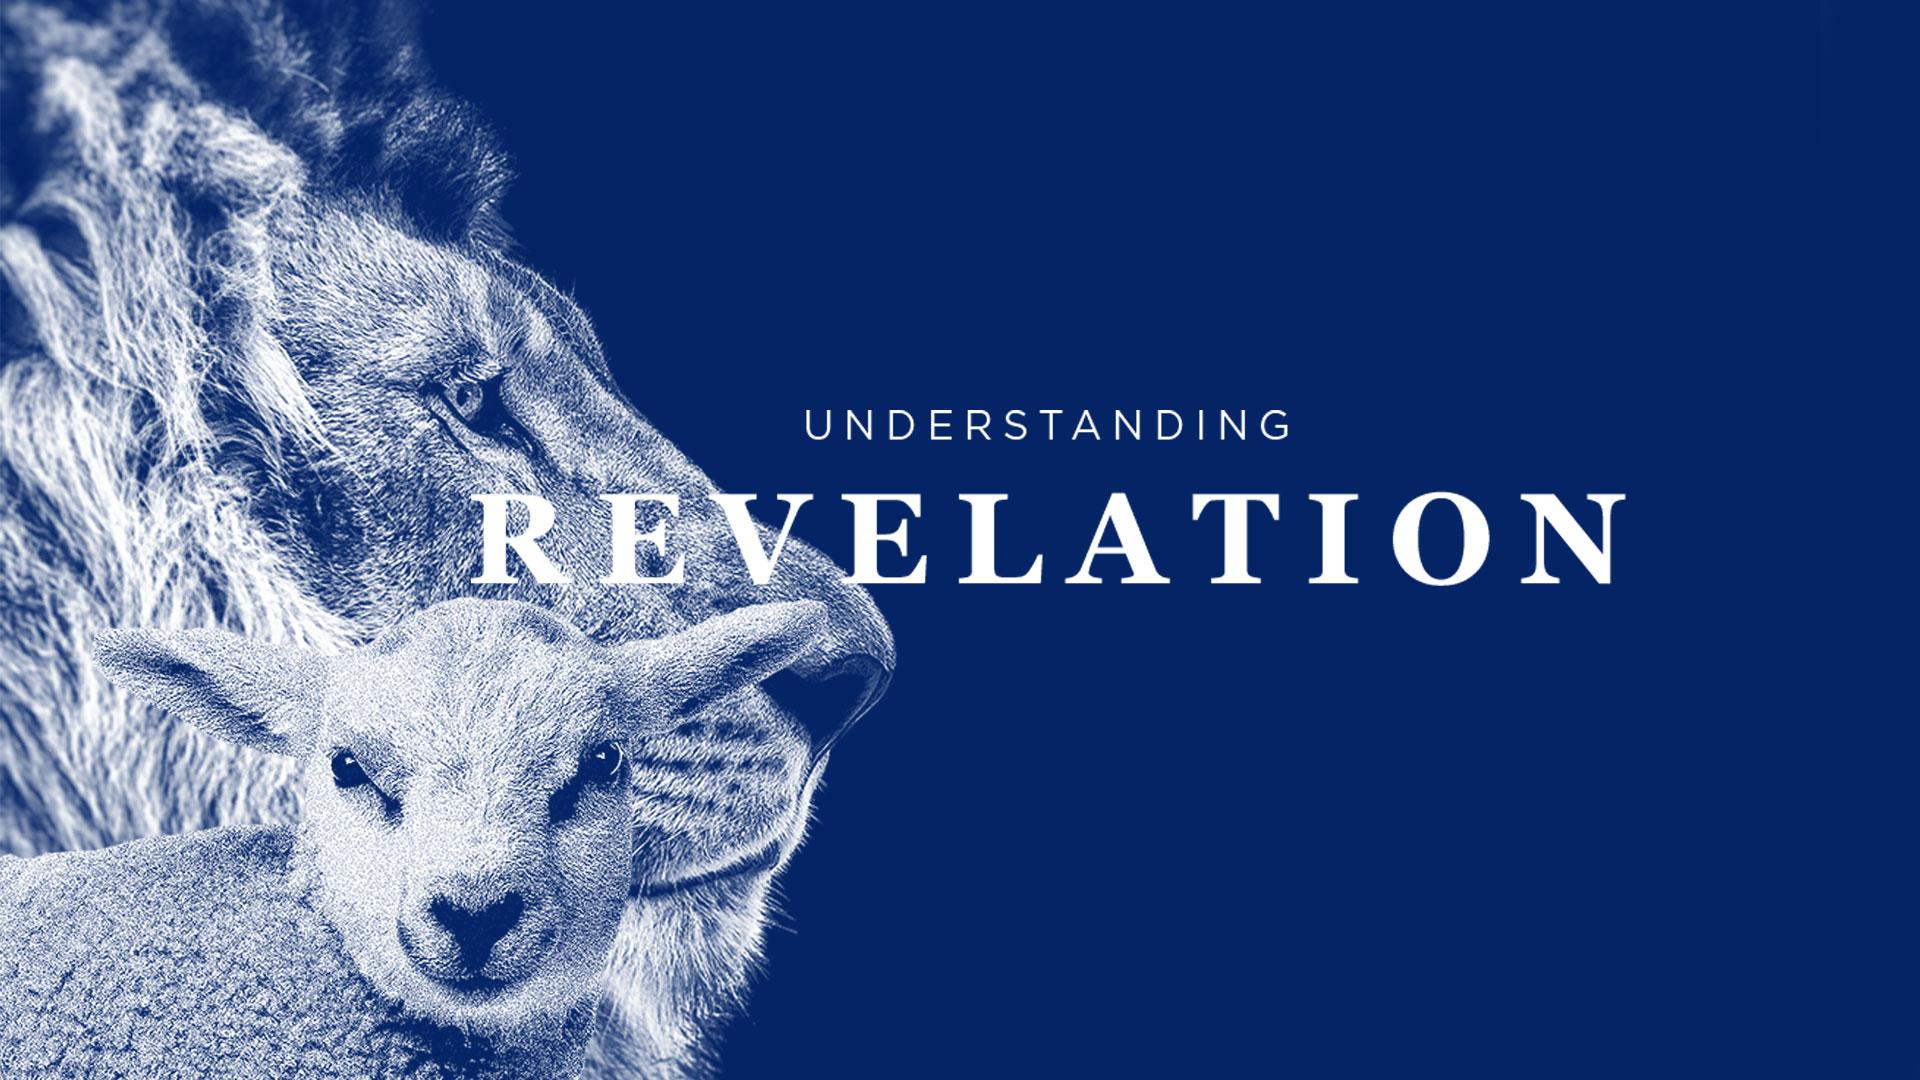 Understanding Revelation (Part 14) The sixth Seal is broken